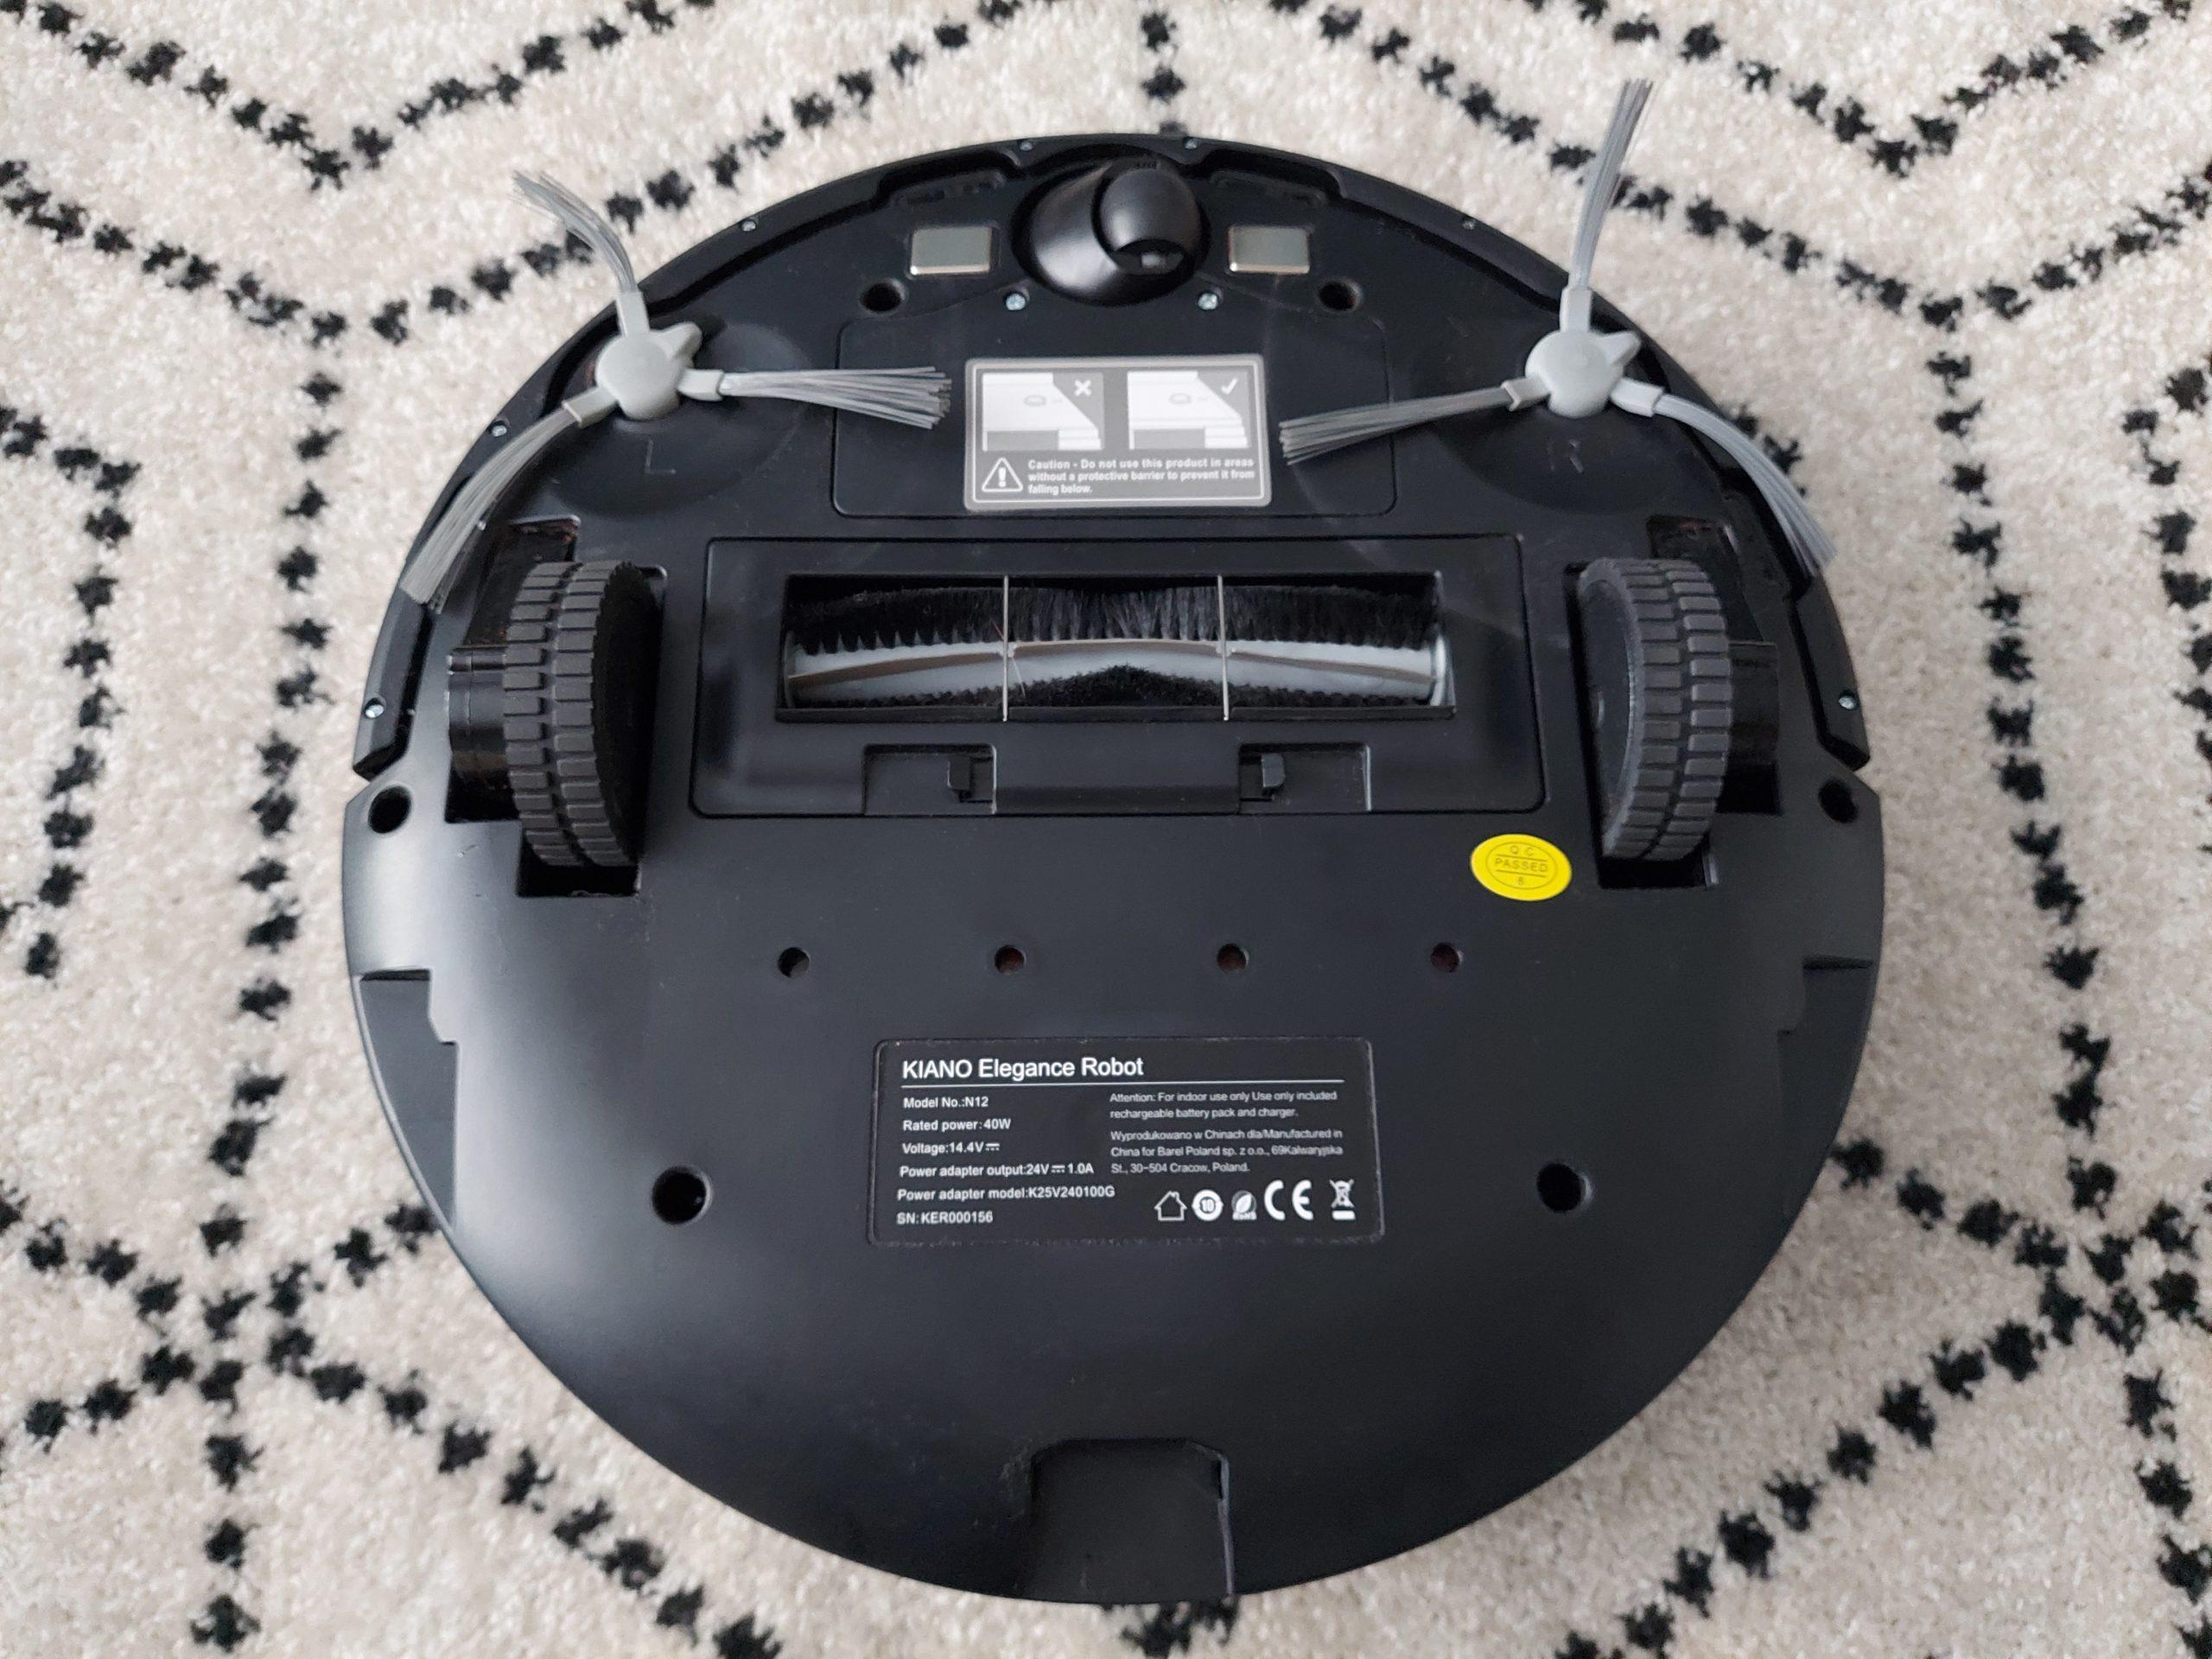 spodnia strona robota sprzątającego kiano